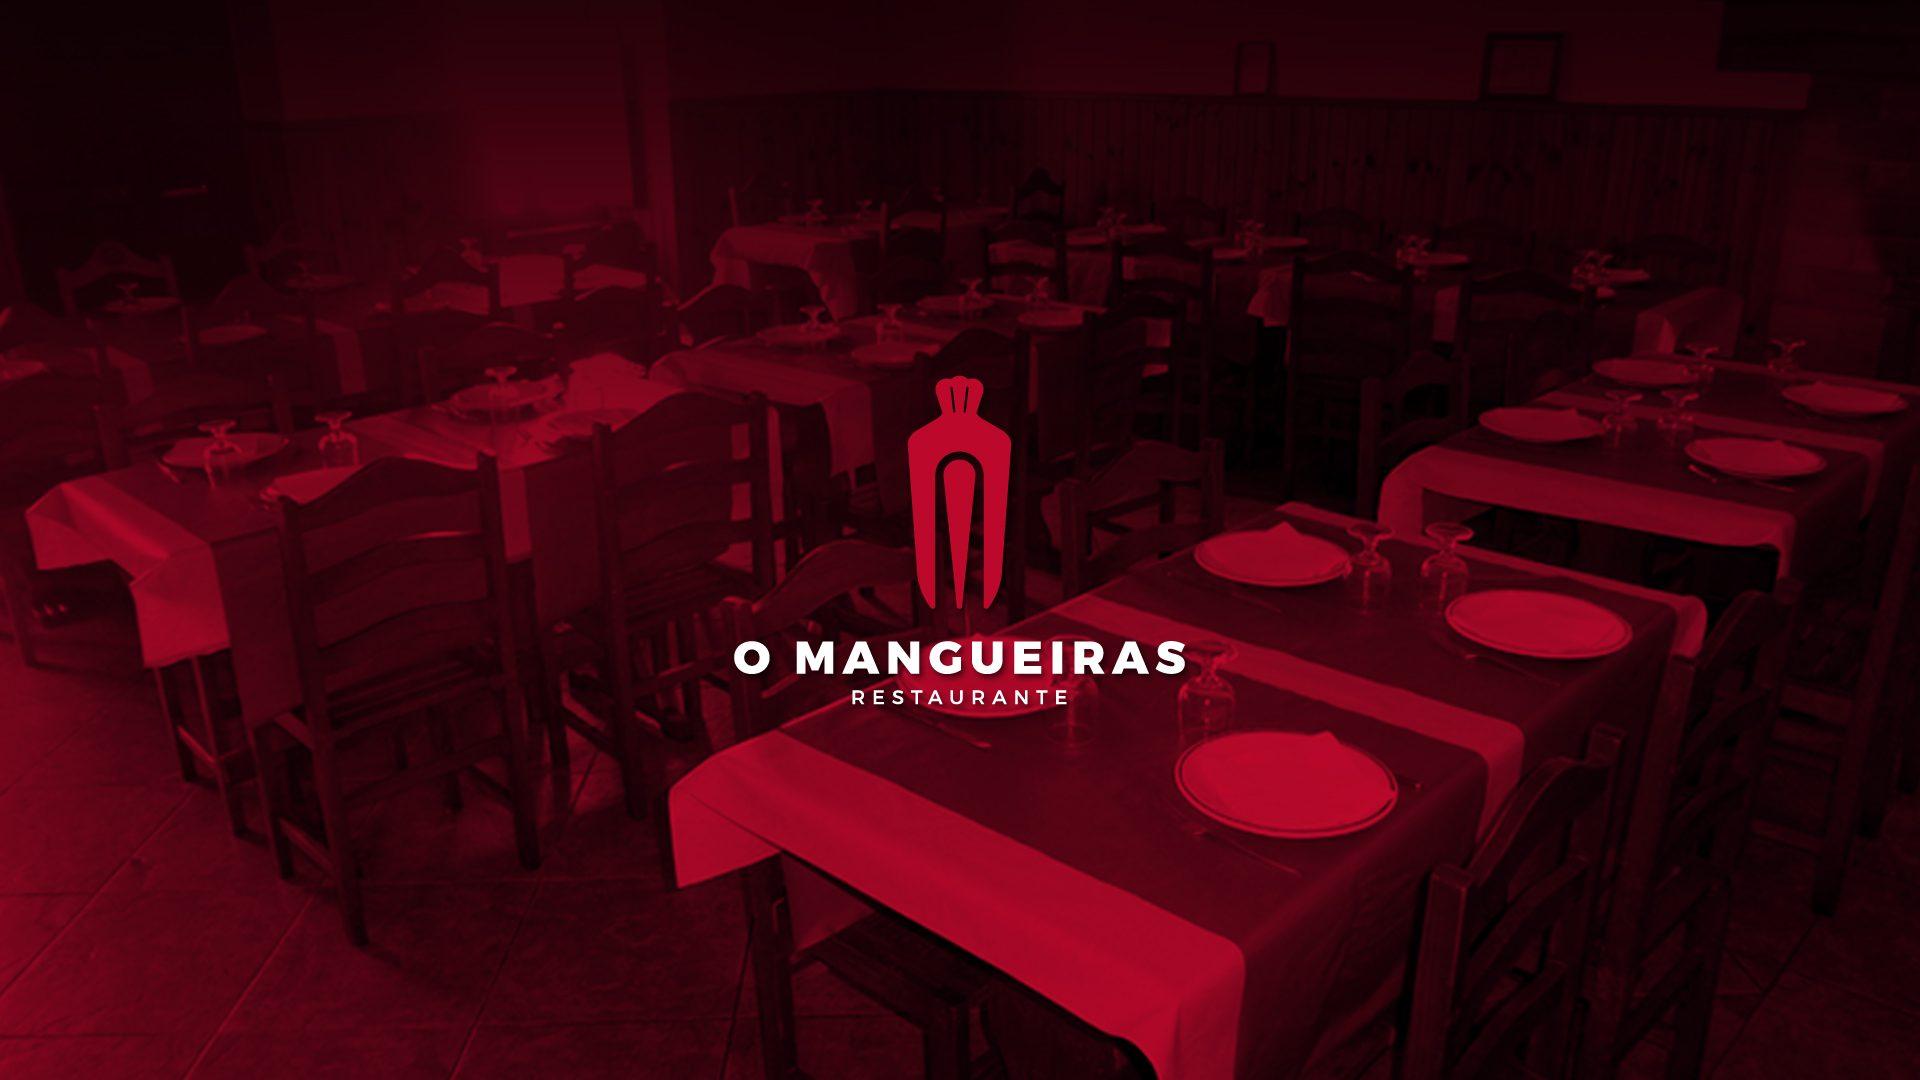 Restaurante Mangueiras - Header 01